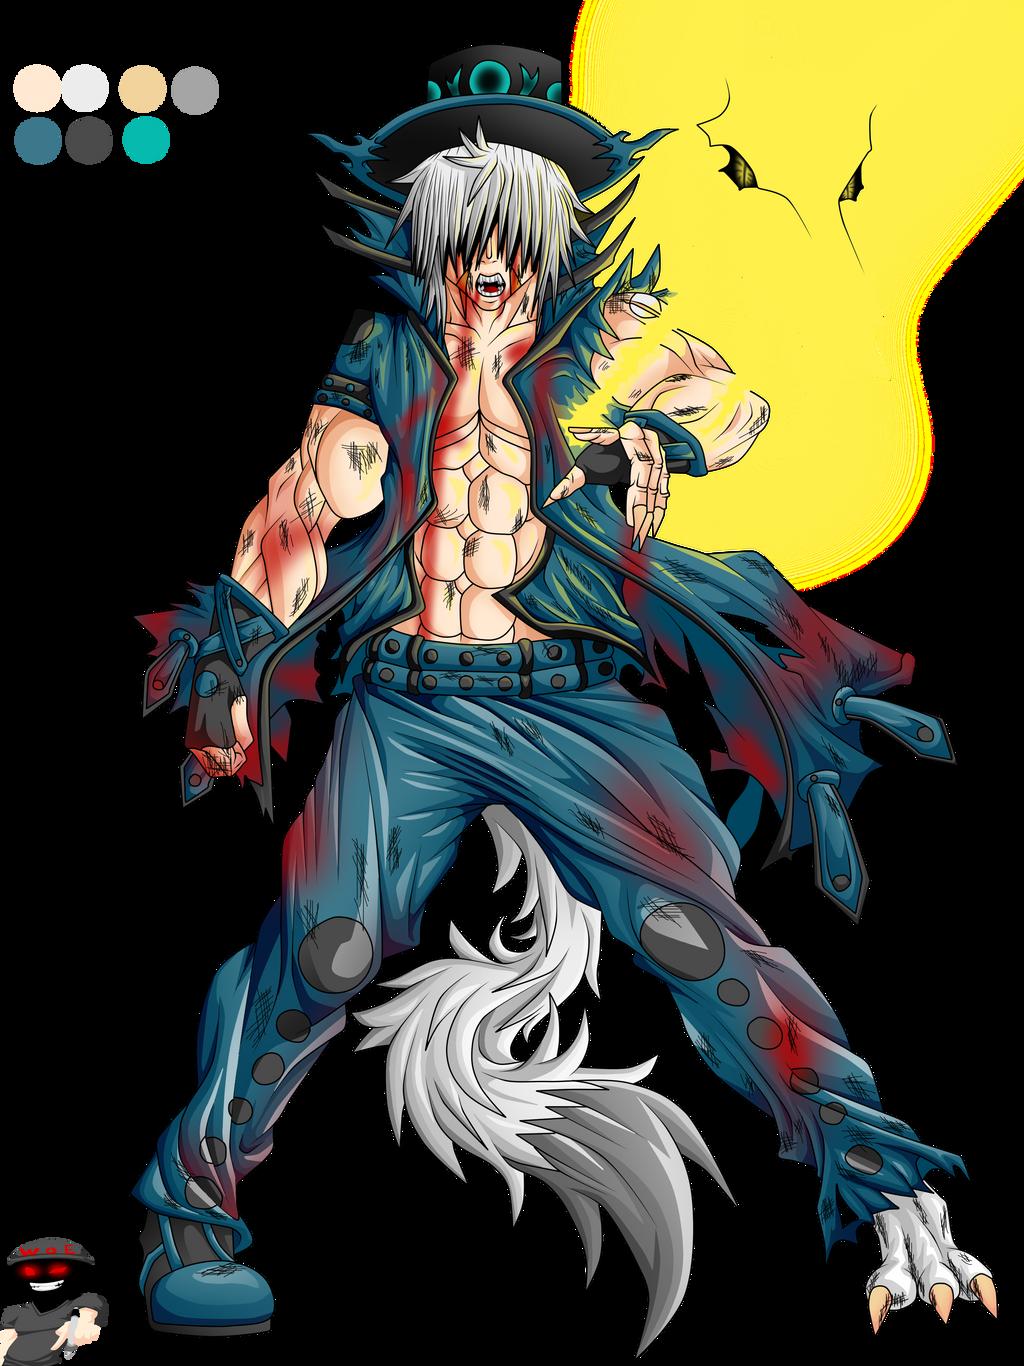 Gorgoylova kuca Juan_the_electric_wolf_man_by_war_off_evil-d6wlqkn